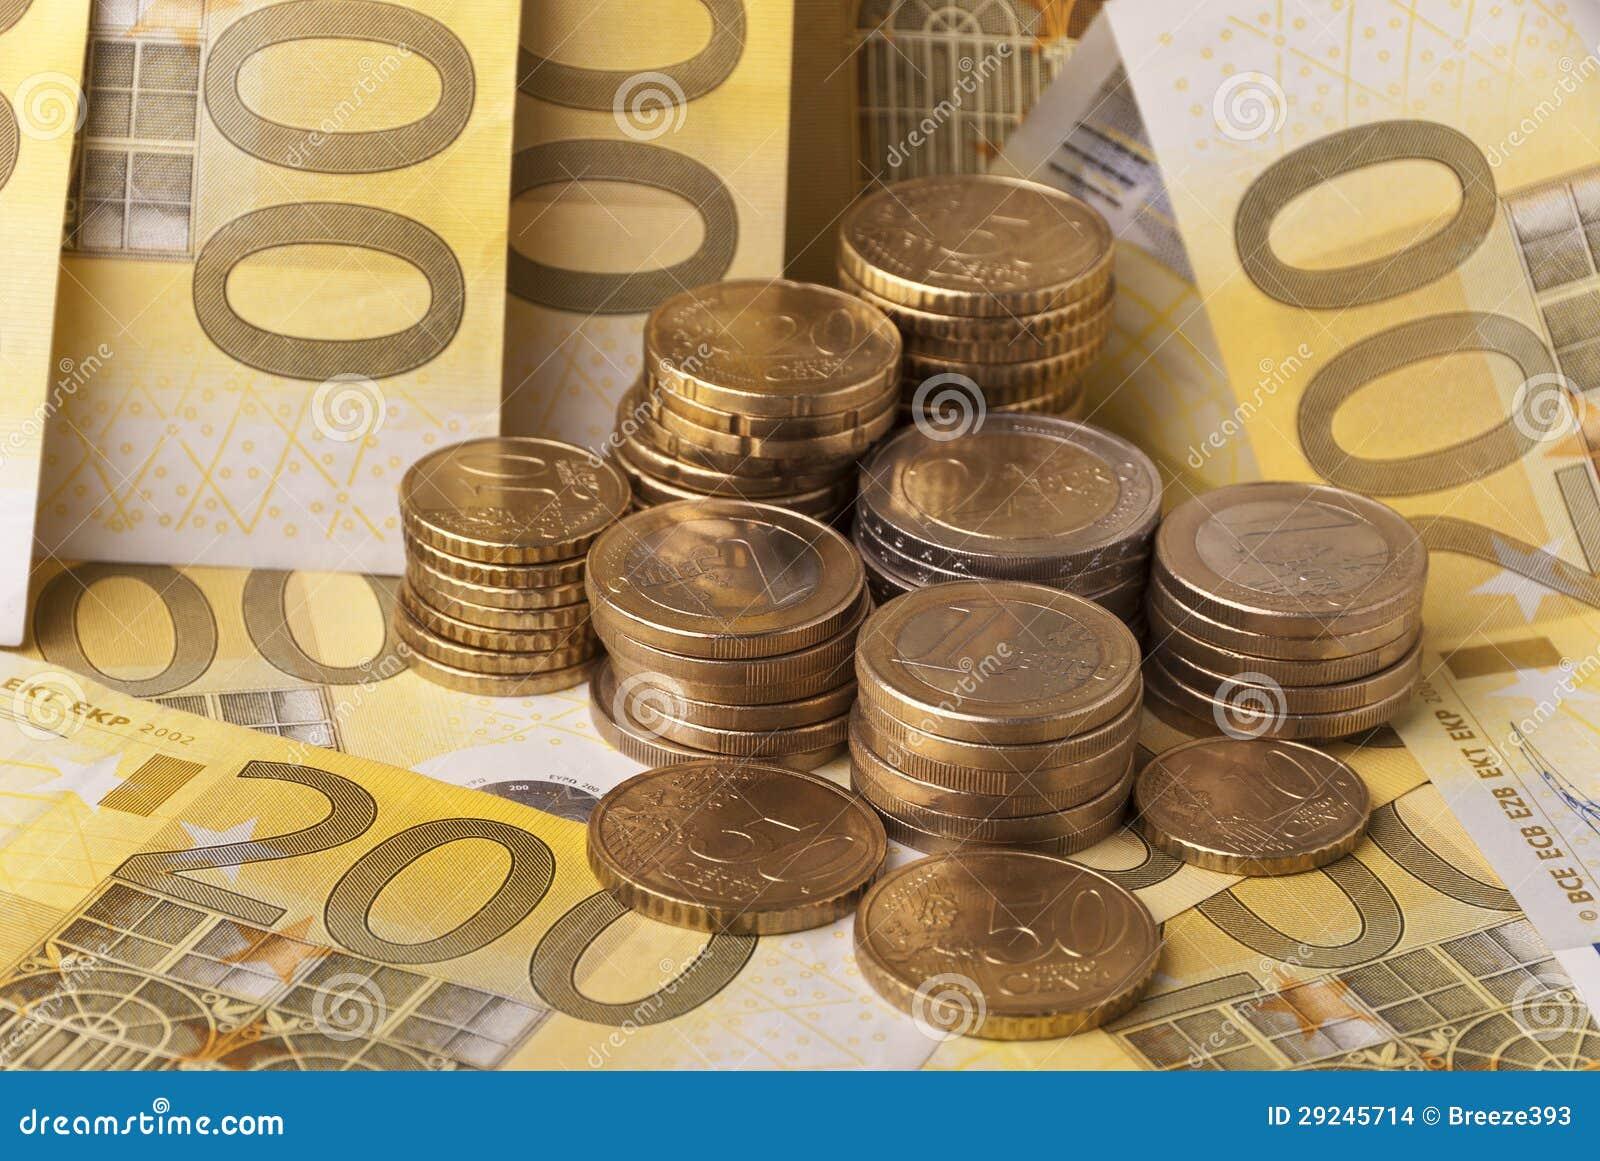 Download Dinheiro foto de stock. Imagem de euro, metal, troca - 29245714